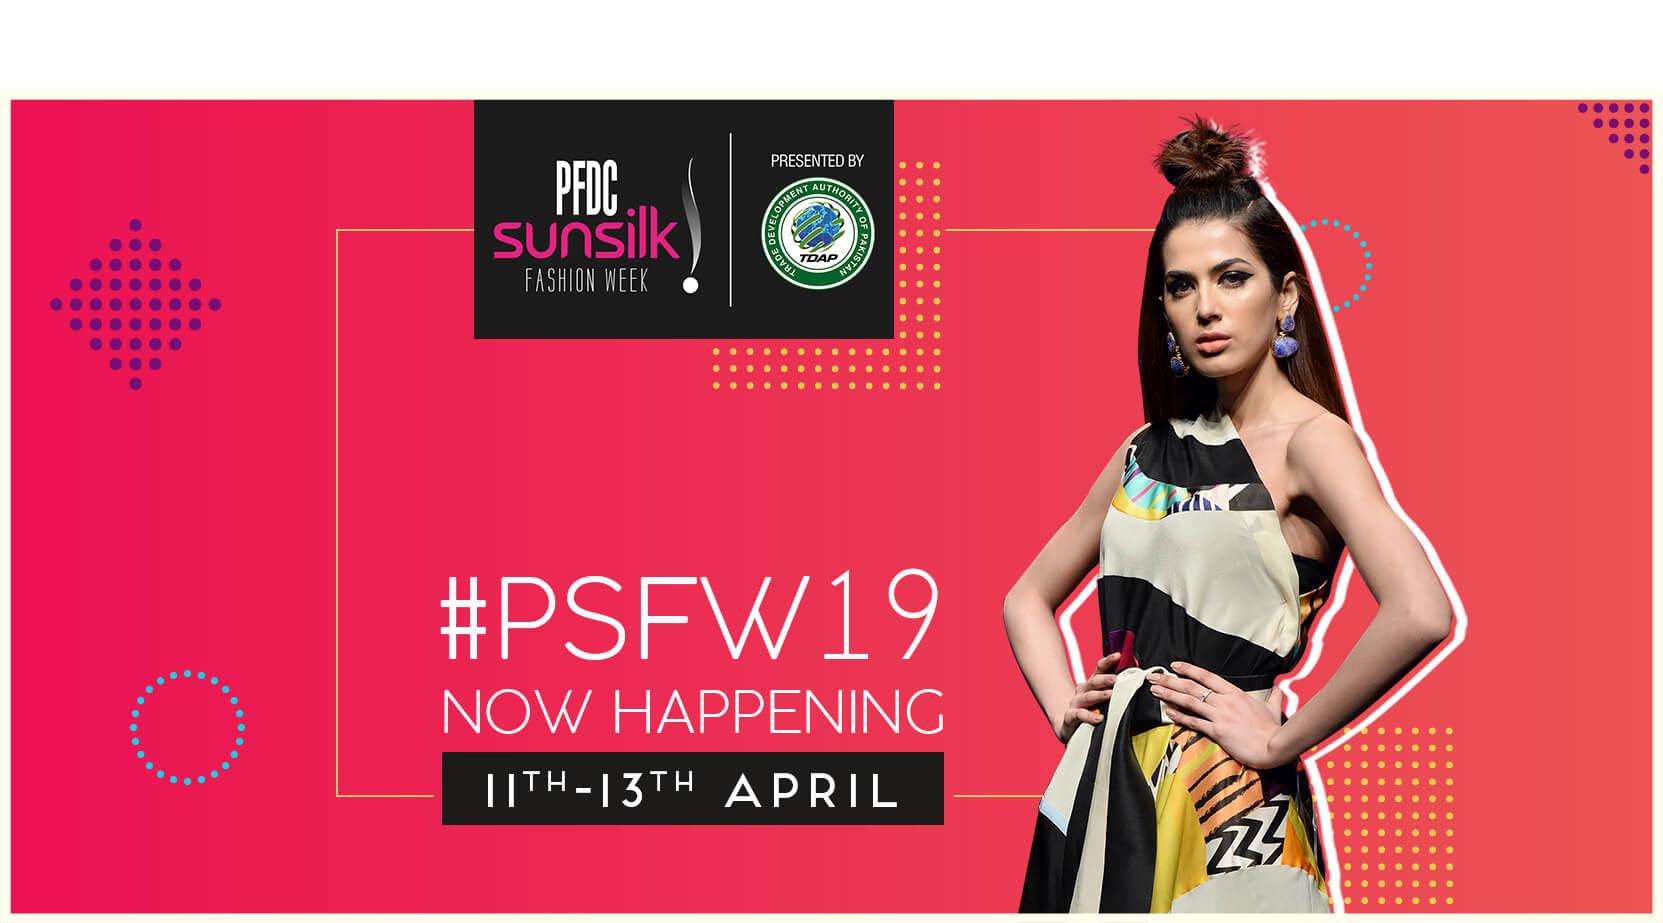 pfdc-sunsilk-fashion-week-slider1